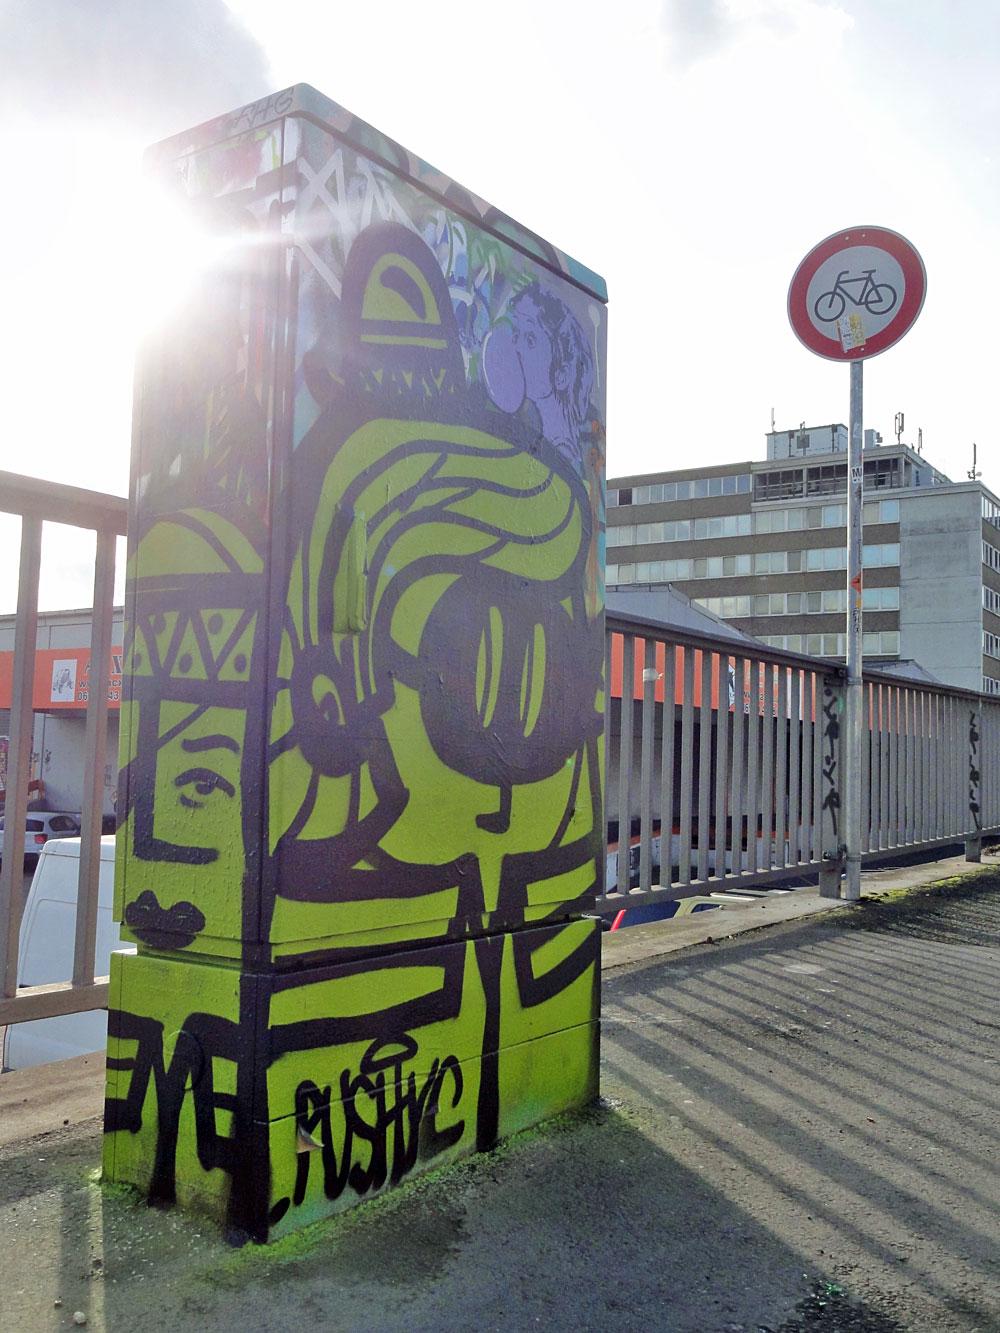 pyc-graffiti-bei-der-hall-of-fame-an-der-hanauer-landstrasse-in-frankfurt-2